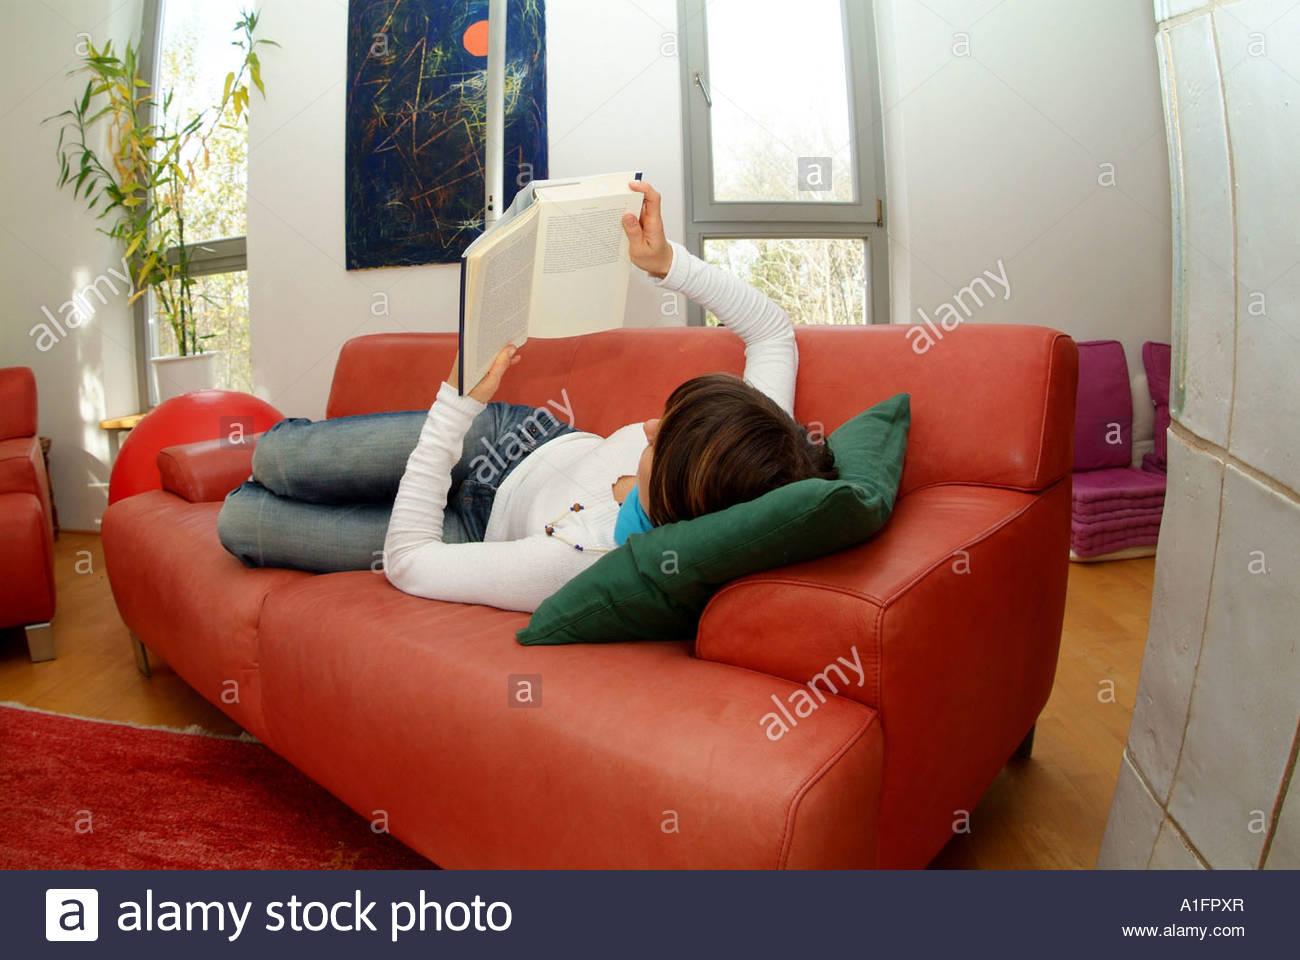 https://c8.alamy.com/comp/A1FPXR/junge-frau-liegt-gemtlich-auf-einer-couch-im-wohnzimmer-und-liest-A1FPXR.jpg